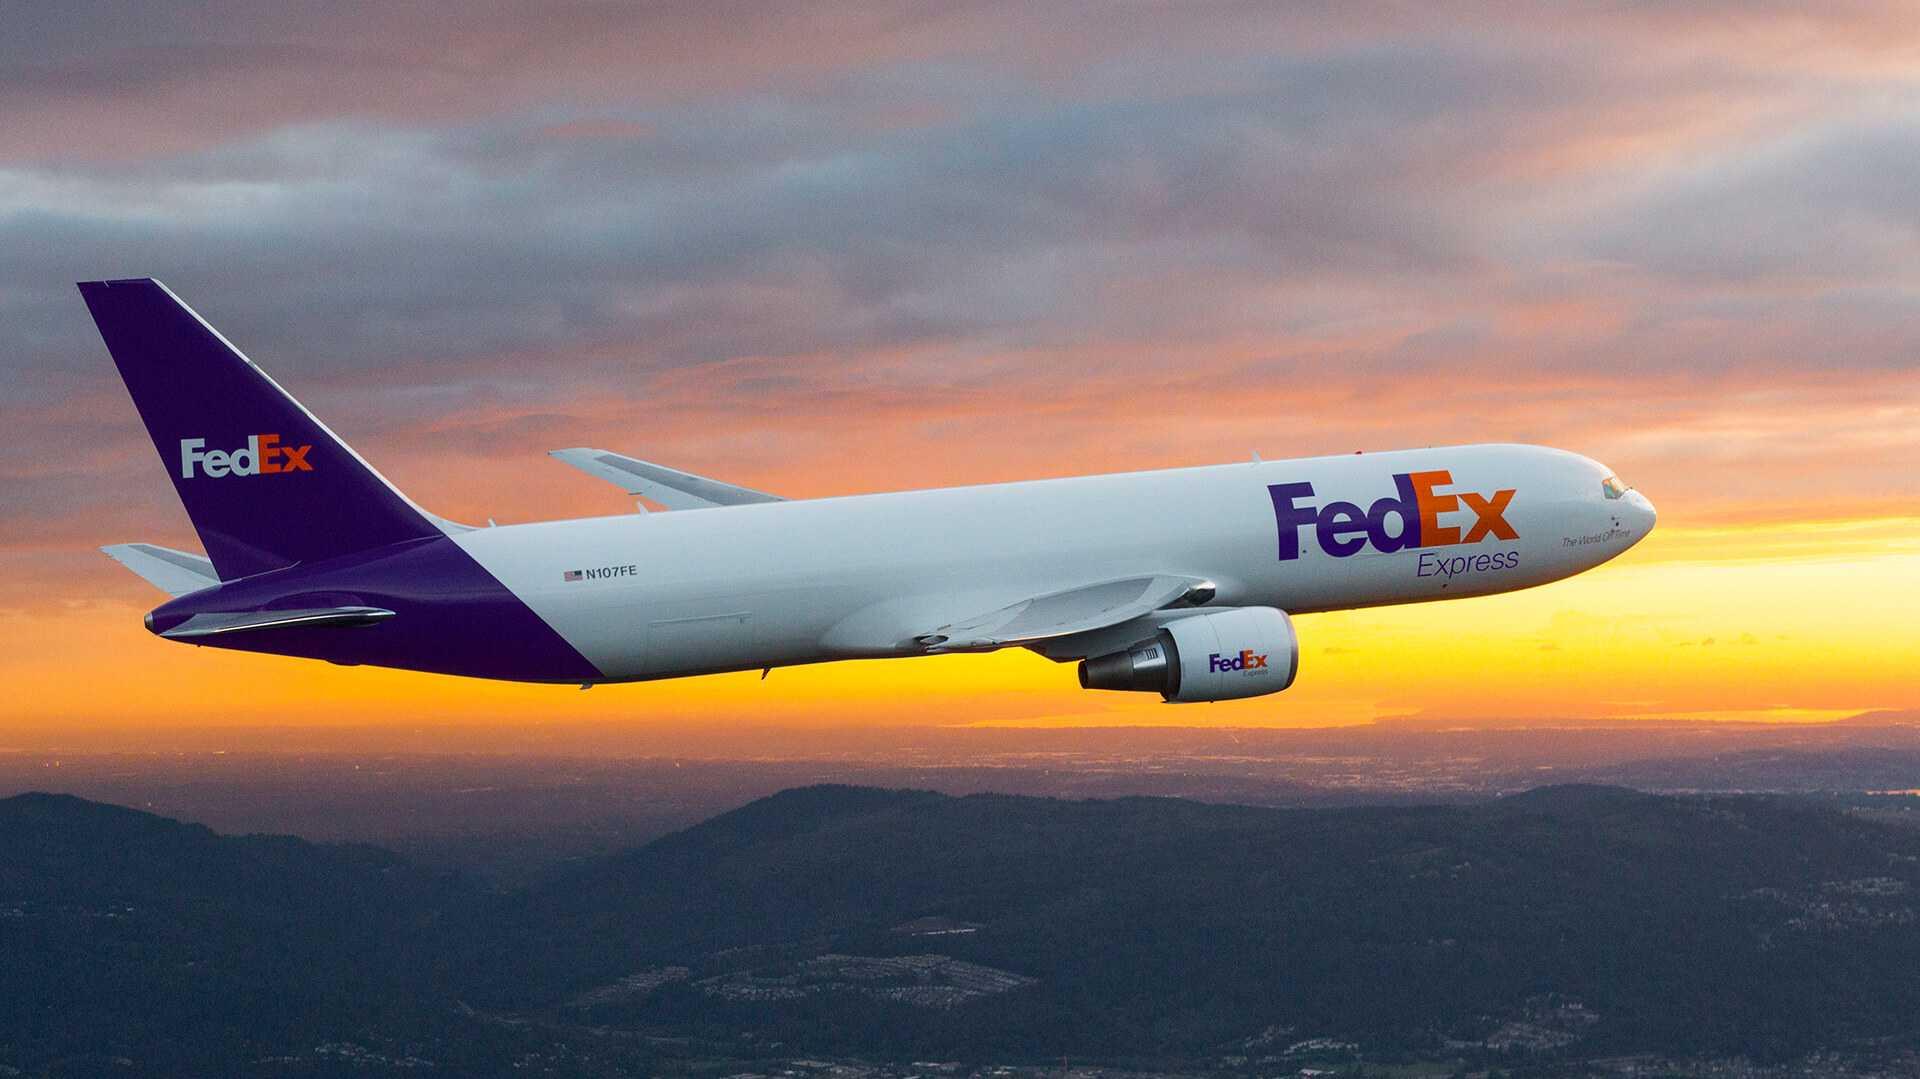 119.000 Dokumente von FedEx-Kunden auf ungesicherten Amazon-S3-Servern gefunden